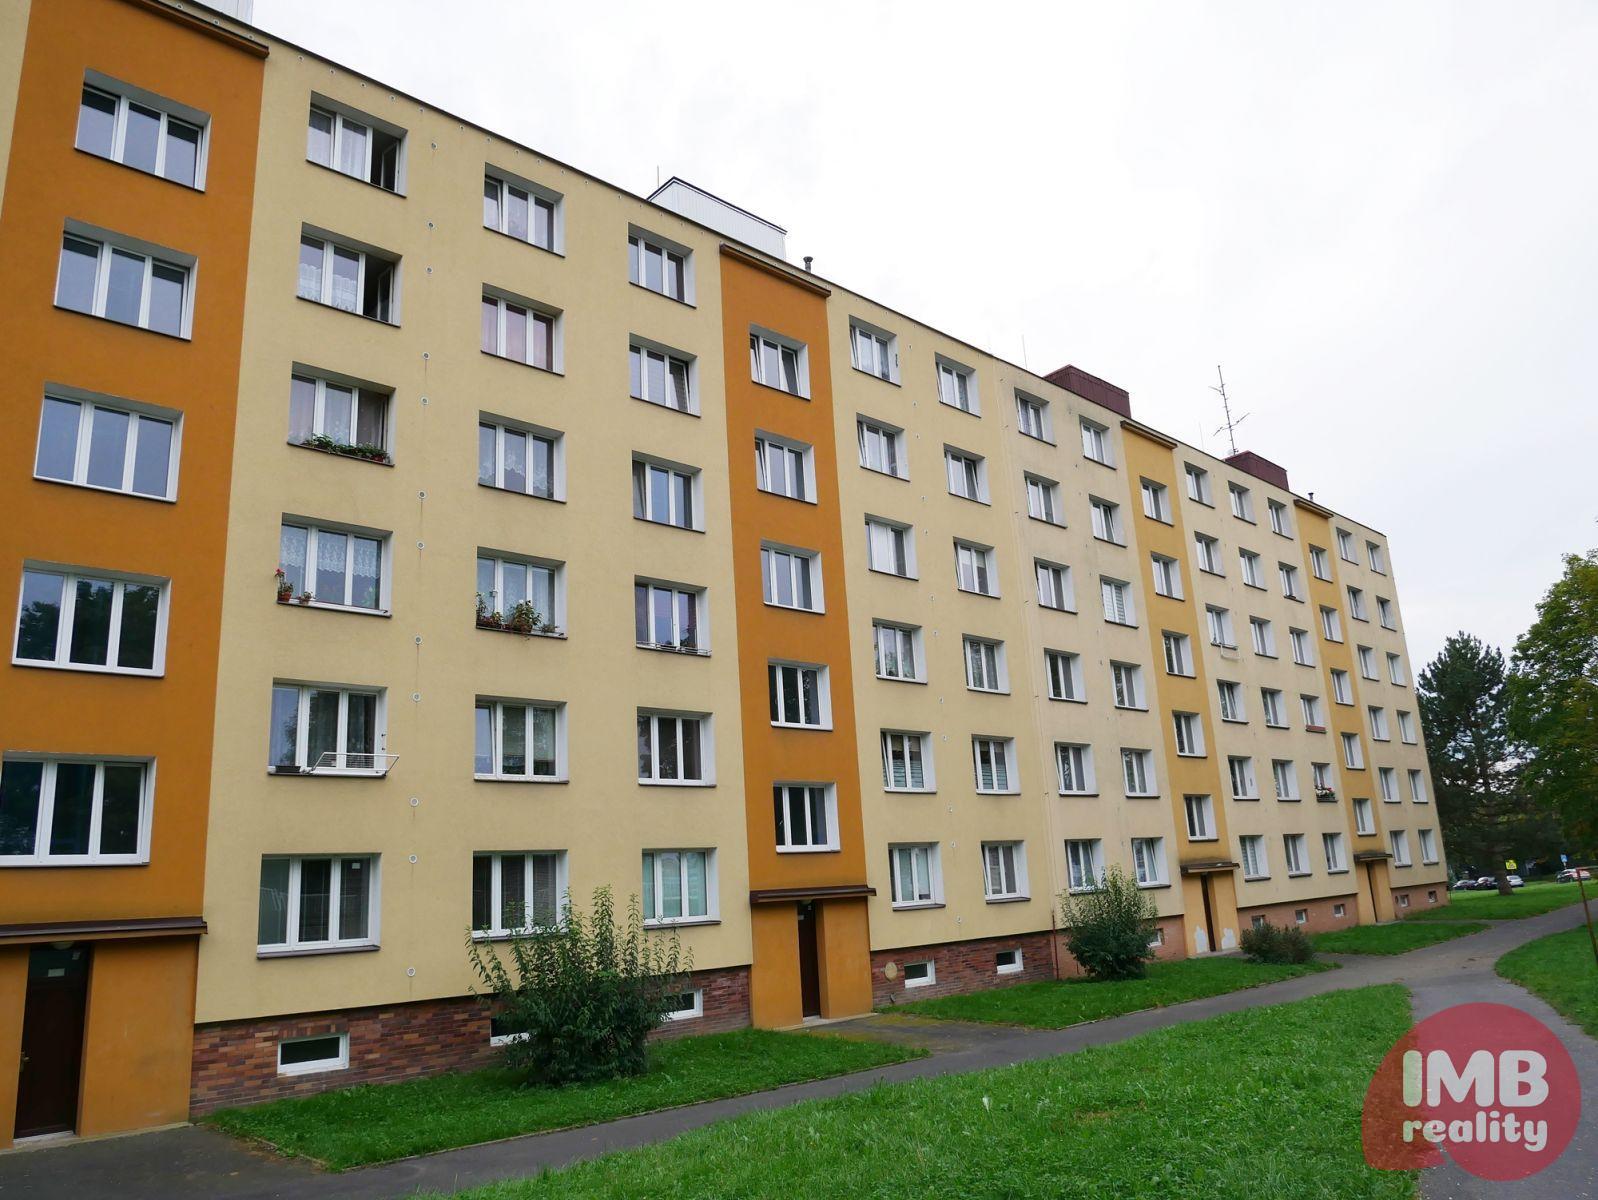 Prodej bytu 3+1 s lodžií, Sokolov, ul. Švabinského